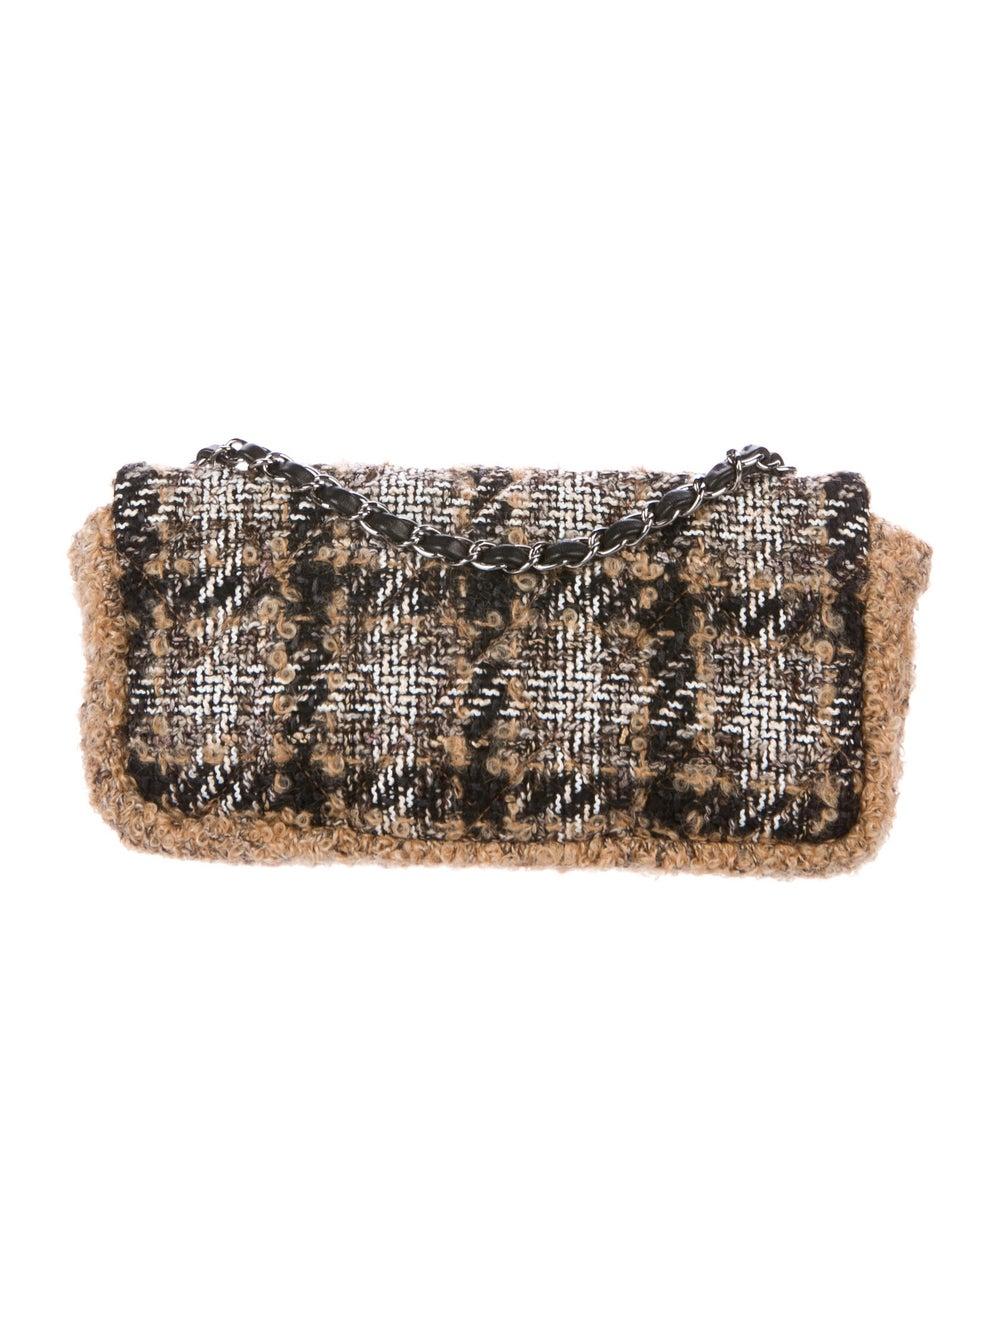 Chanel Medium Tweed Flap Bag Brown - image 4